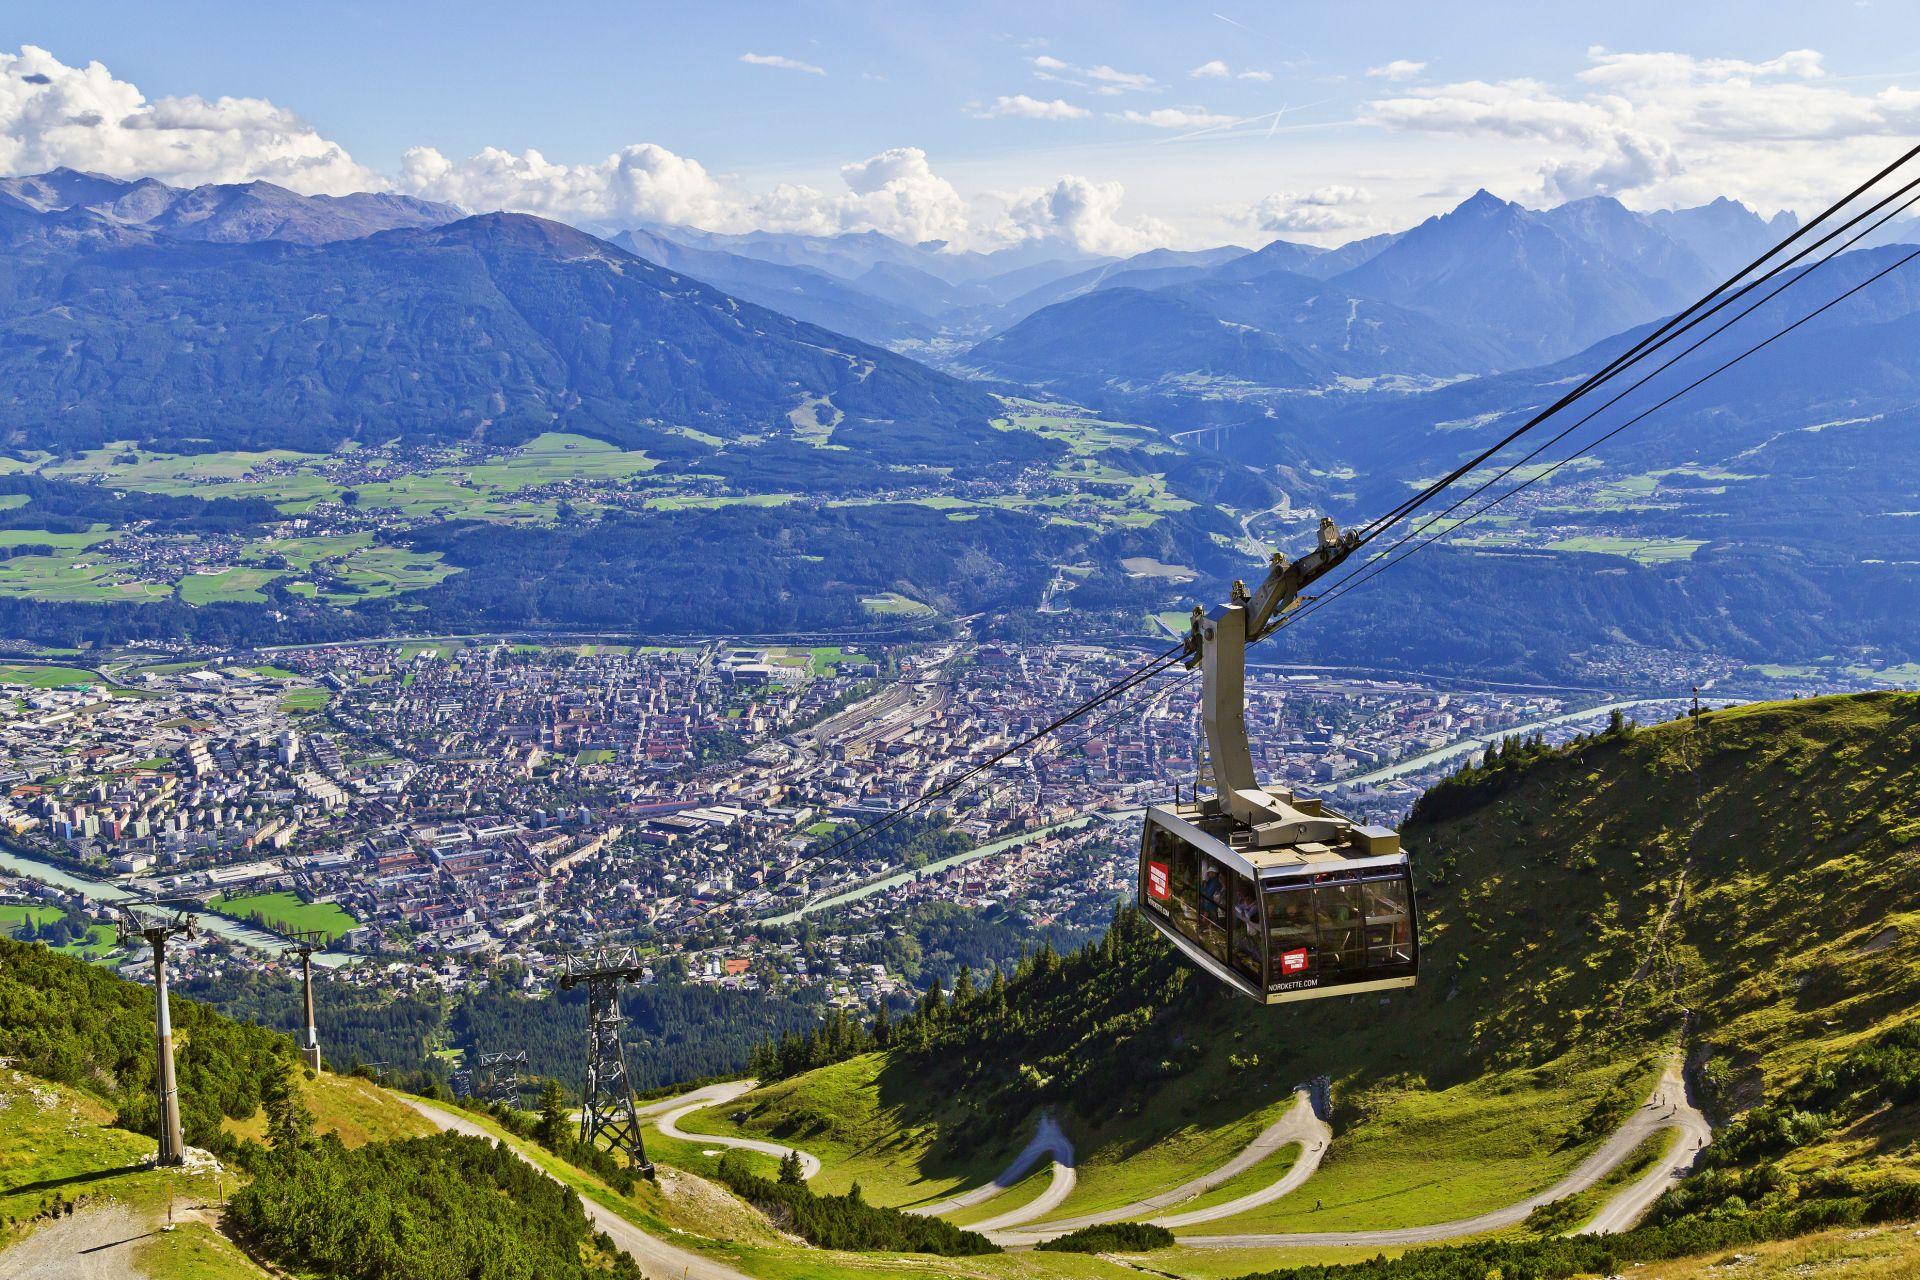 ... und auf dem Berg endet sie. (Foto: Innsbruck Tourismus/Christof Lackner)